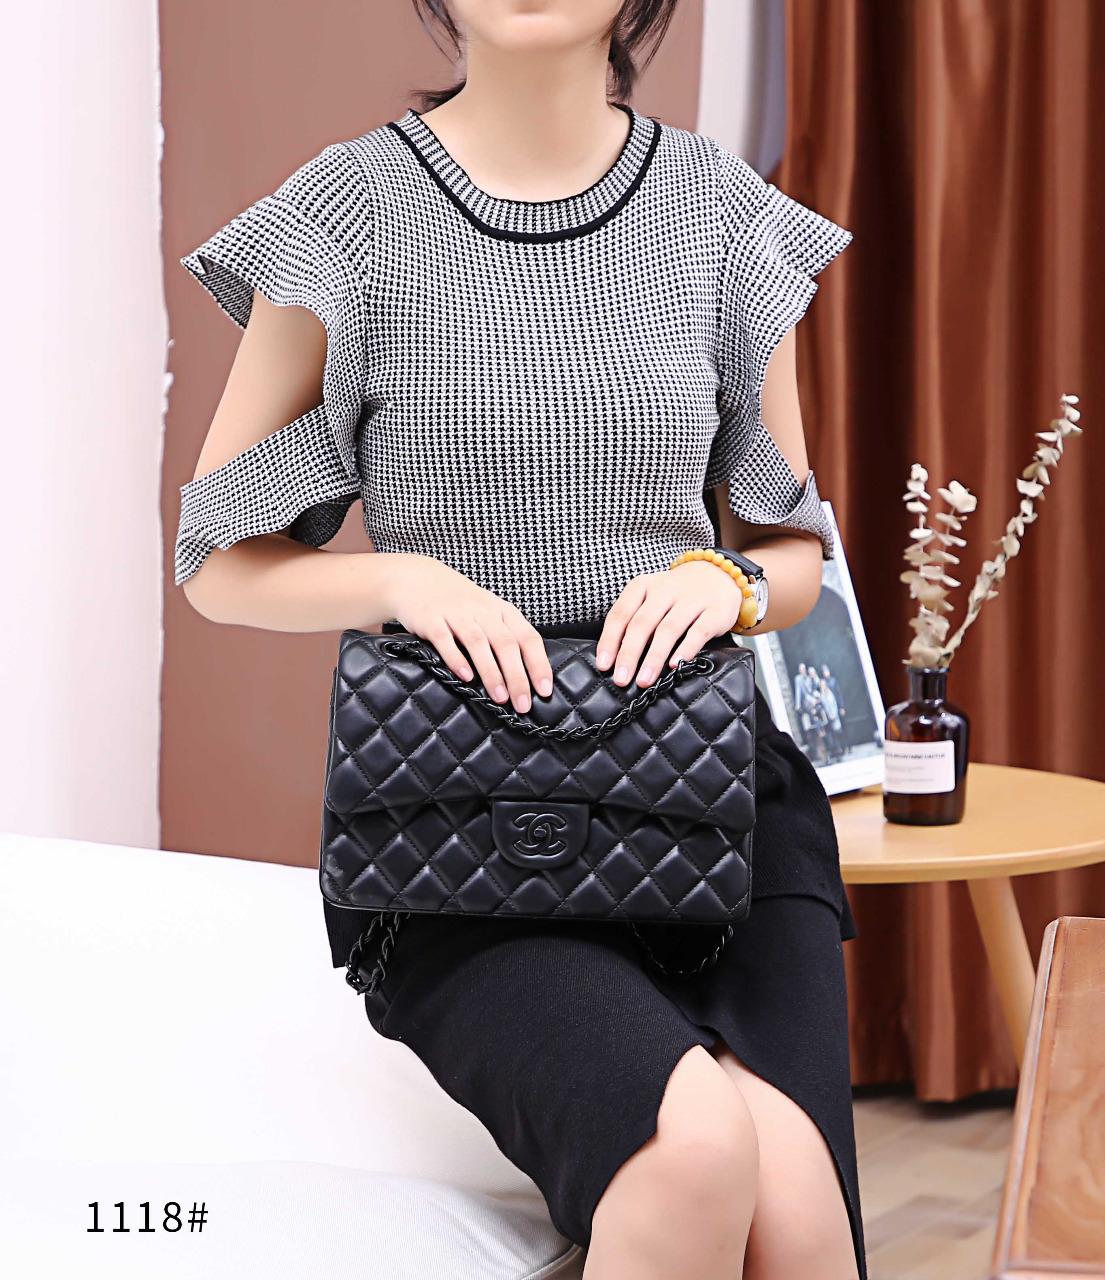 tas chanel terbaru dan harganya,model tas chanel terbaru dan harganya, (1)